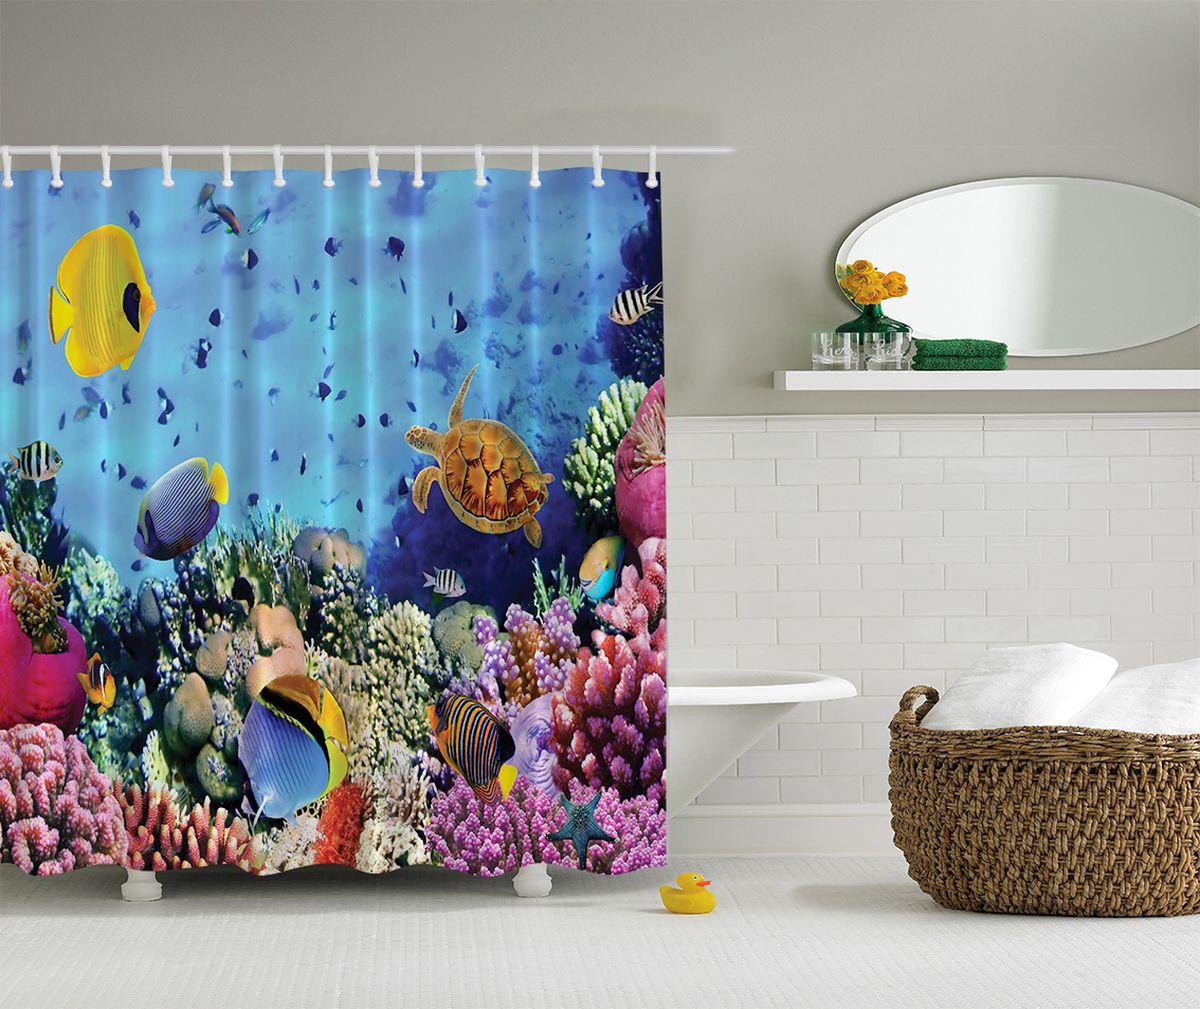 Штора для ванной комнаты Magic Lady Подводный мир, 180 х 200 смшв_12222Штора Magic Lady Подводный мир, изготовленная из высококачественного сатена (полиэстер 100%), отлично дополнит любой интерьер ванной комнаты. При изготовлении используются специальные гипоаллергенные чернила для прямой печати по ткани, безопасные для человека.В комплекте: 1 штора, 12 крючков. Обращаем ваше внимание, фактический цвет изделия может незначительно отличаться от представленного на фото.